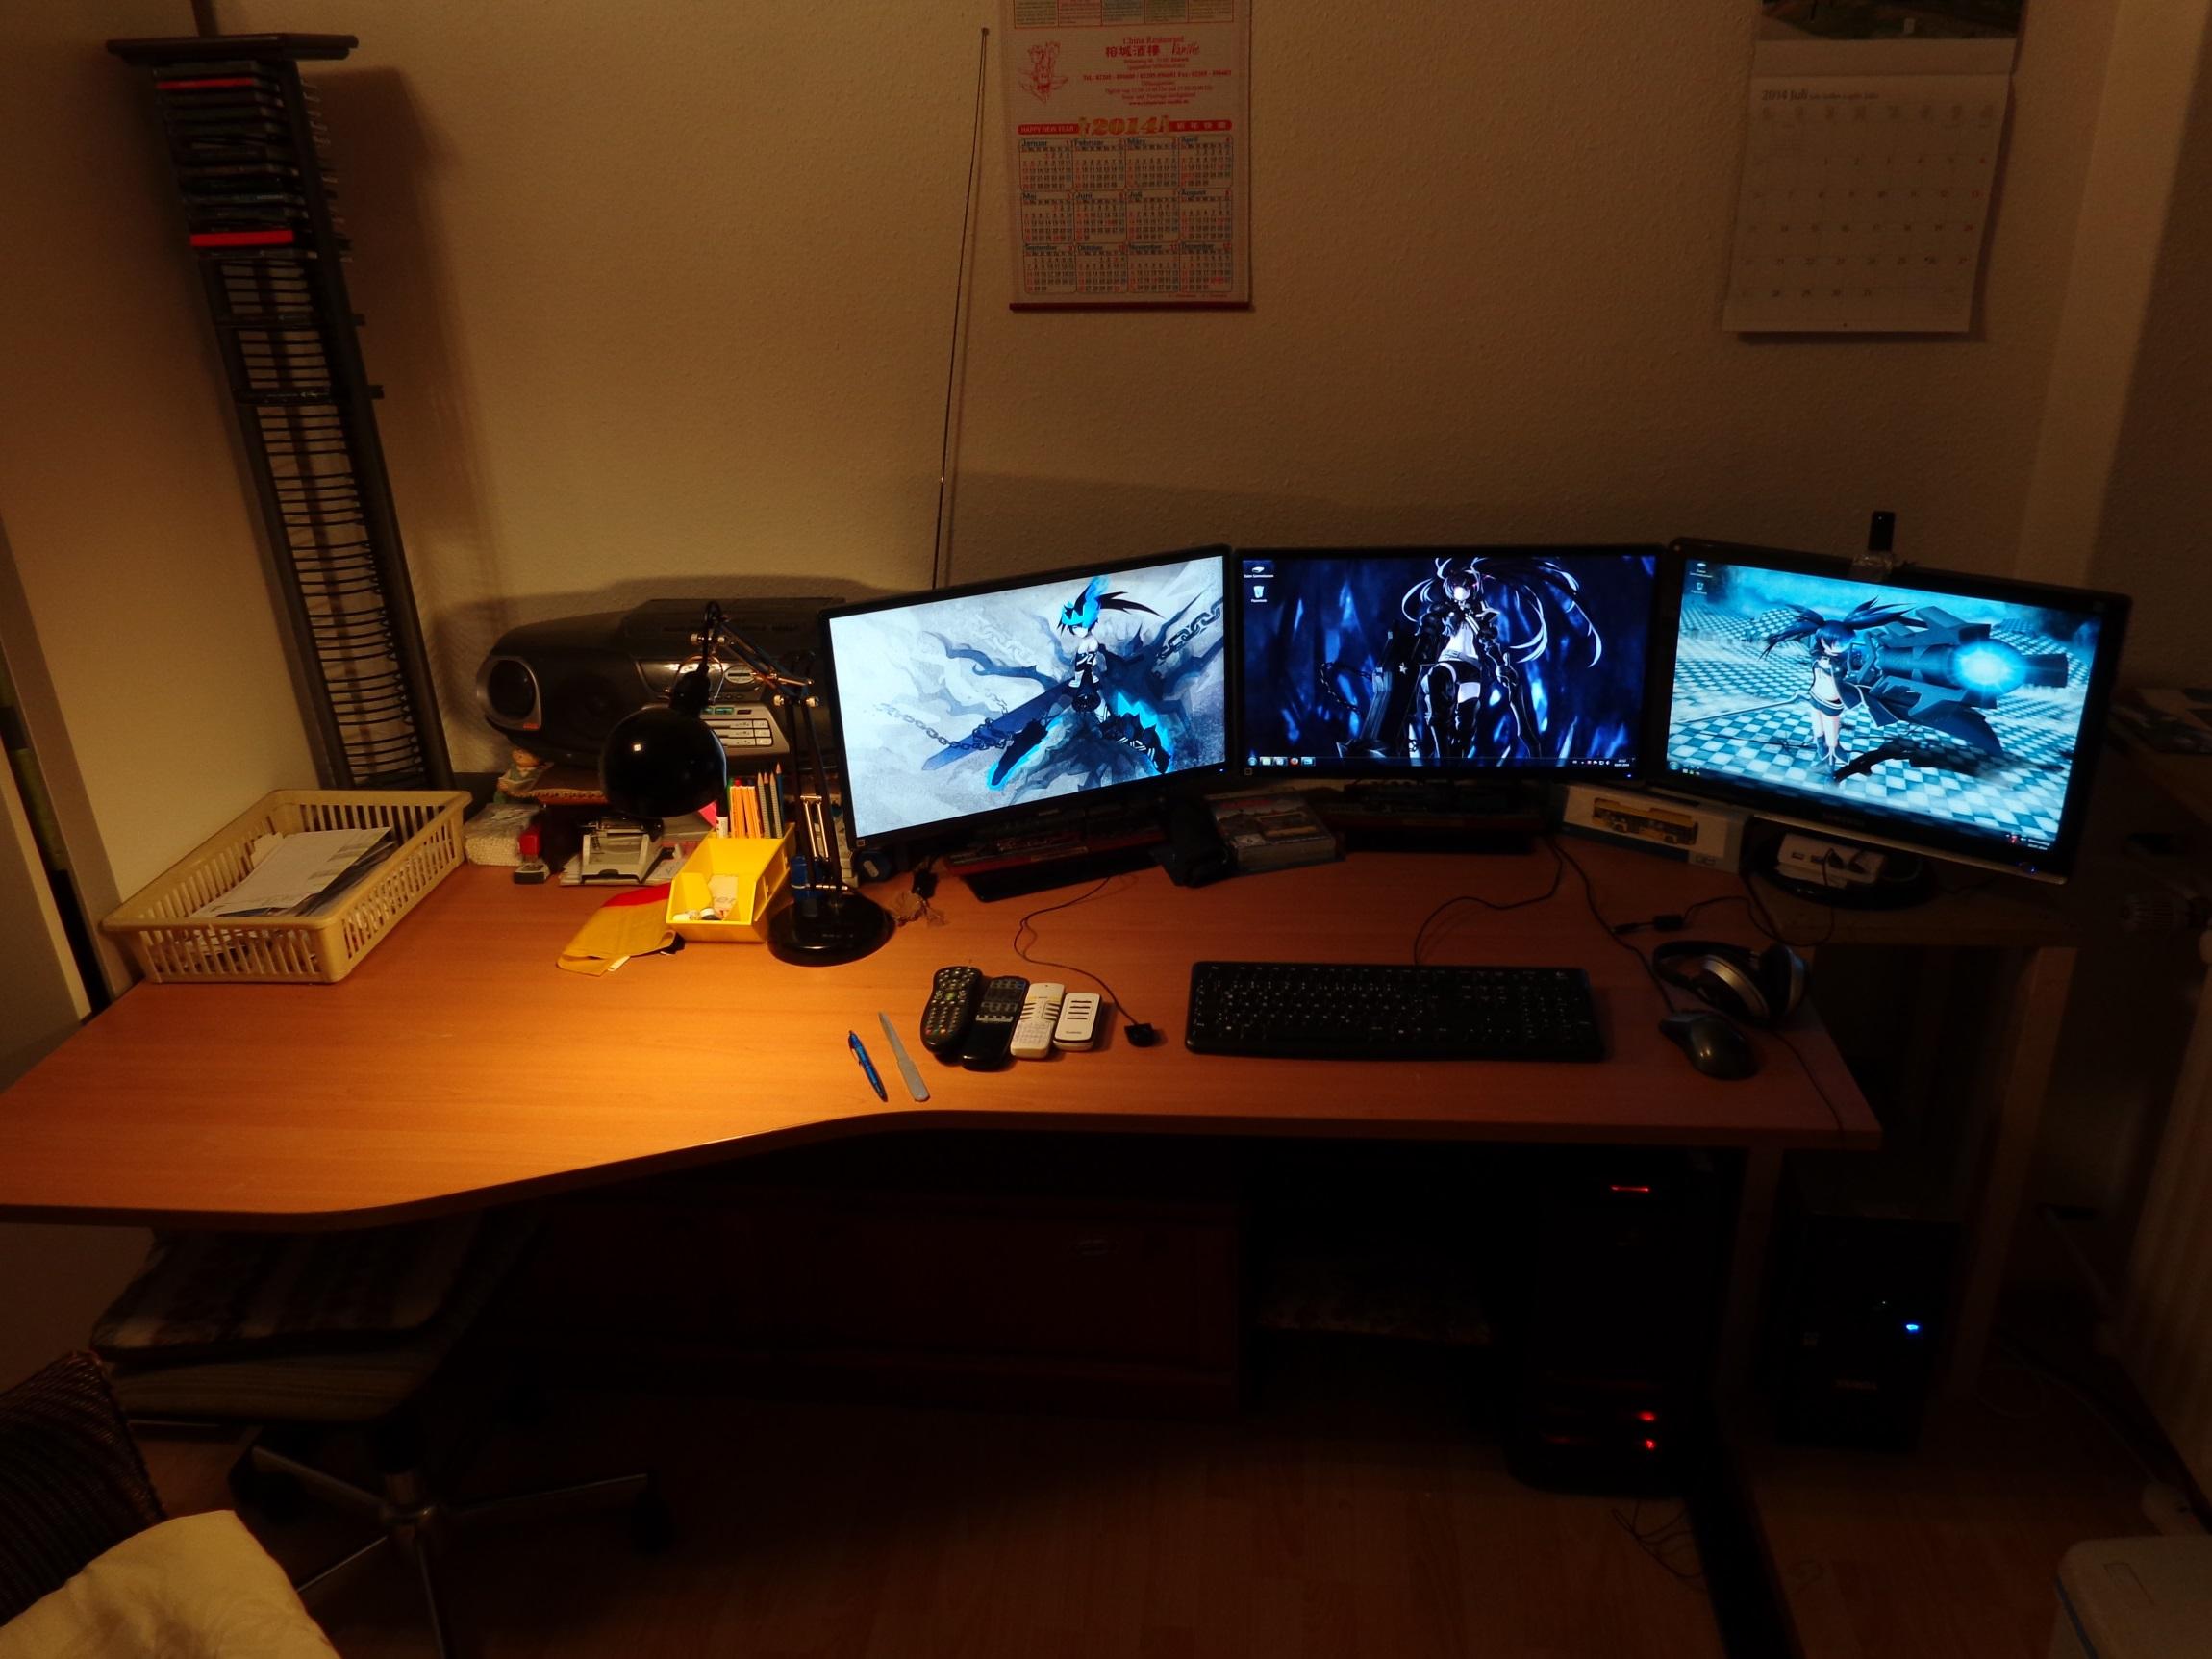 Mein Arbeitsplatz zu Hause / My workplace at home by goldie9478842 ...